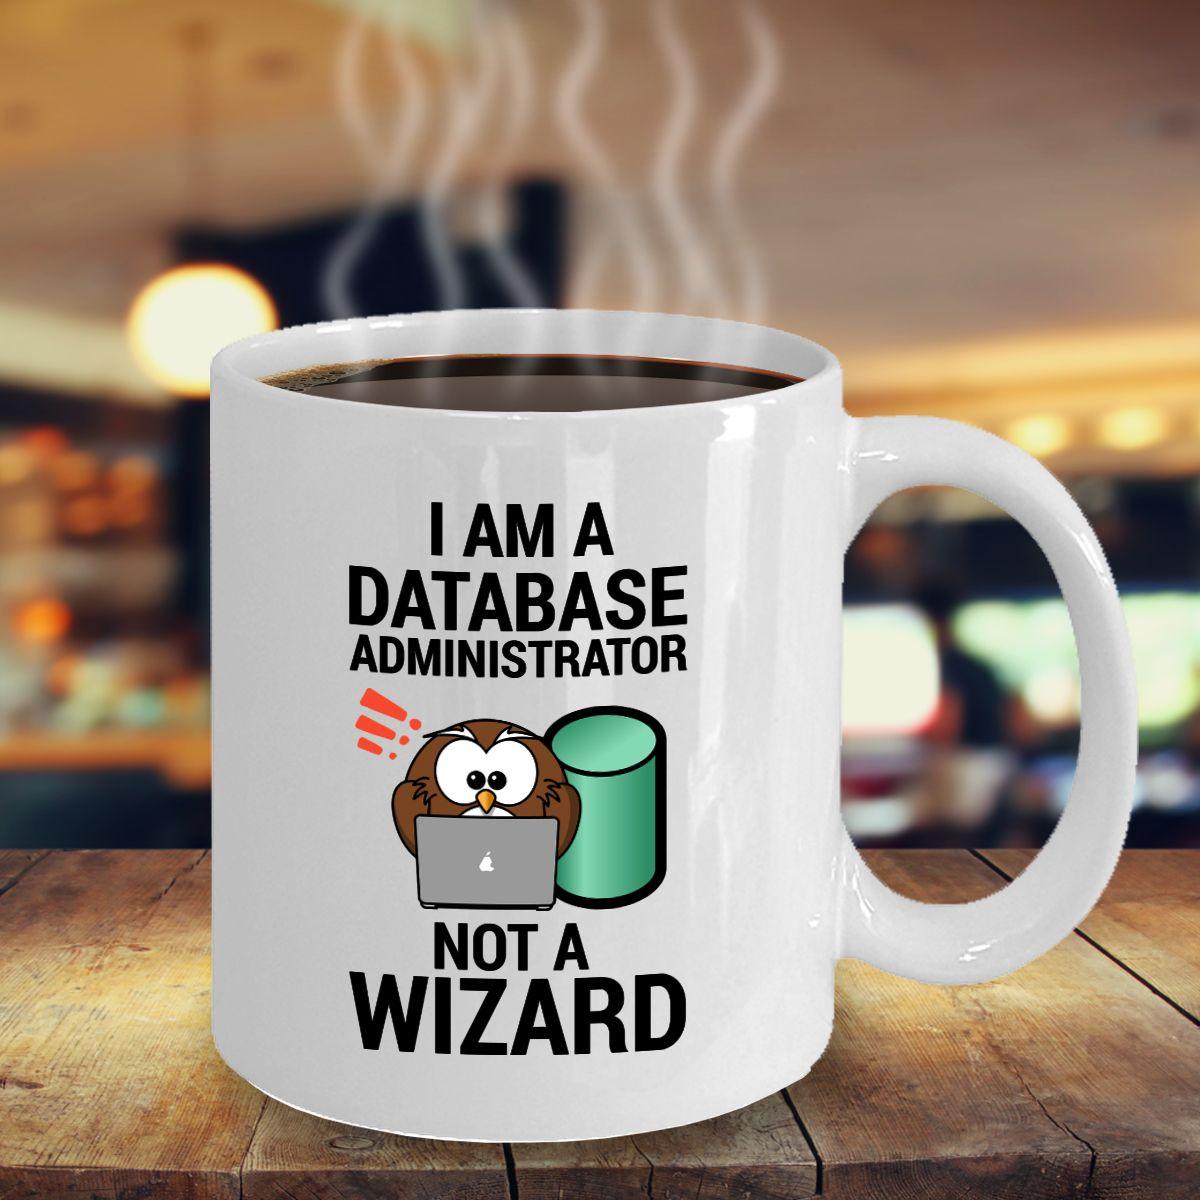 Database administrator gifts funny gag gift coffee mug tea